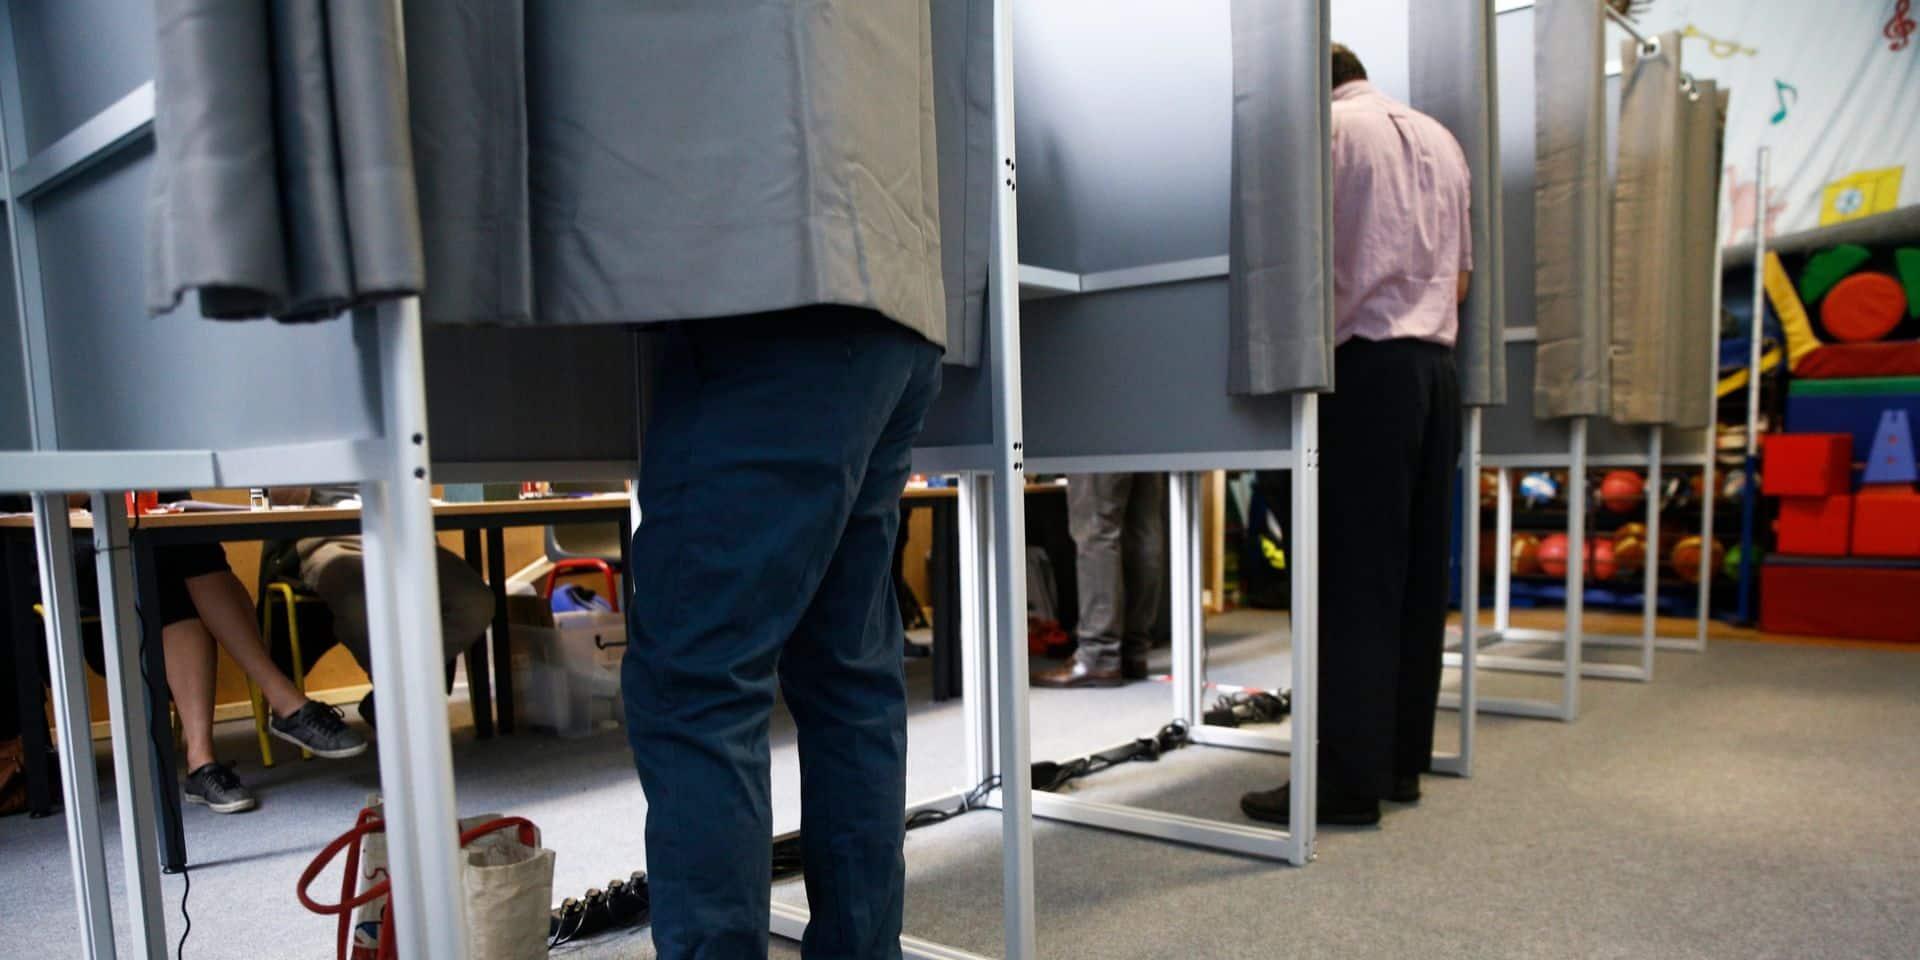 Dix assesseurs absents le jour des élections condamnés à des amendes de 600 euros